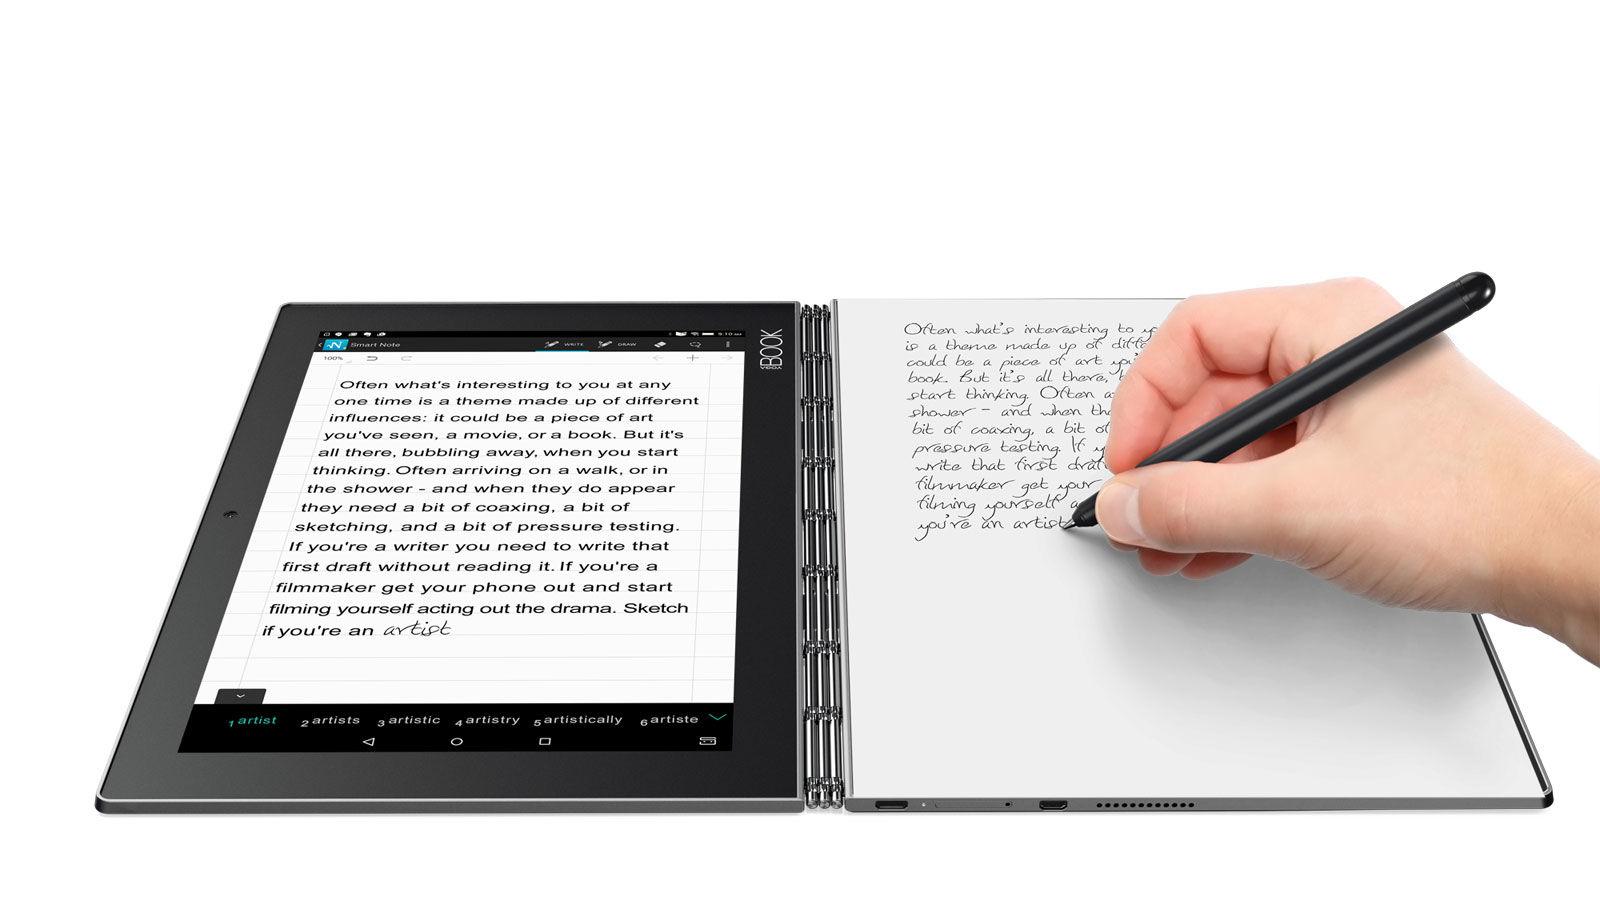 Lenovo Yoga Book ZA0V0256DE 64GB Android 6.0